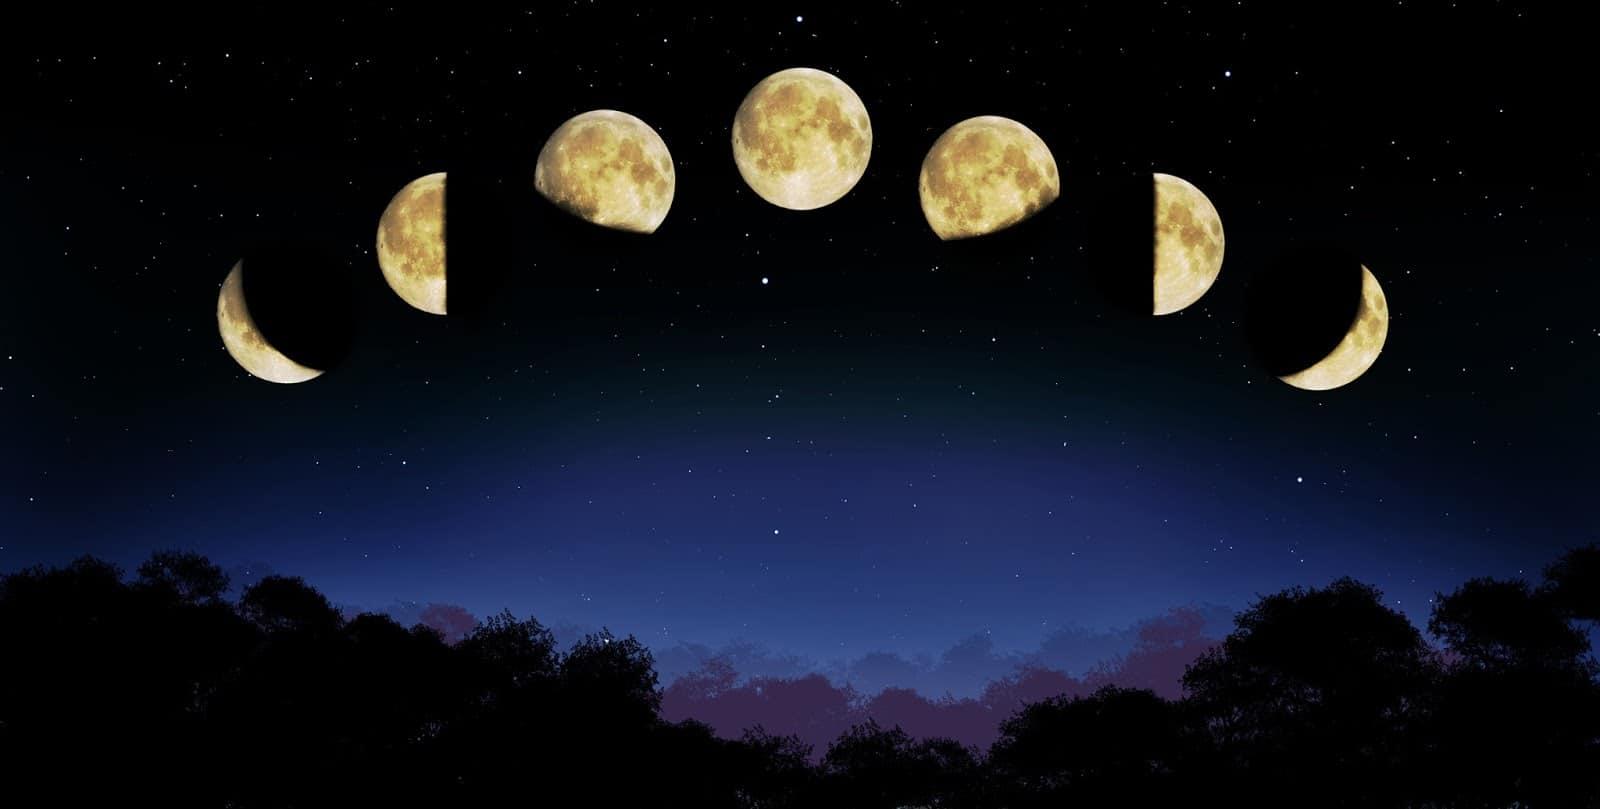 фаза луны сильно влияет на магию свечей